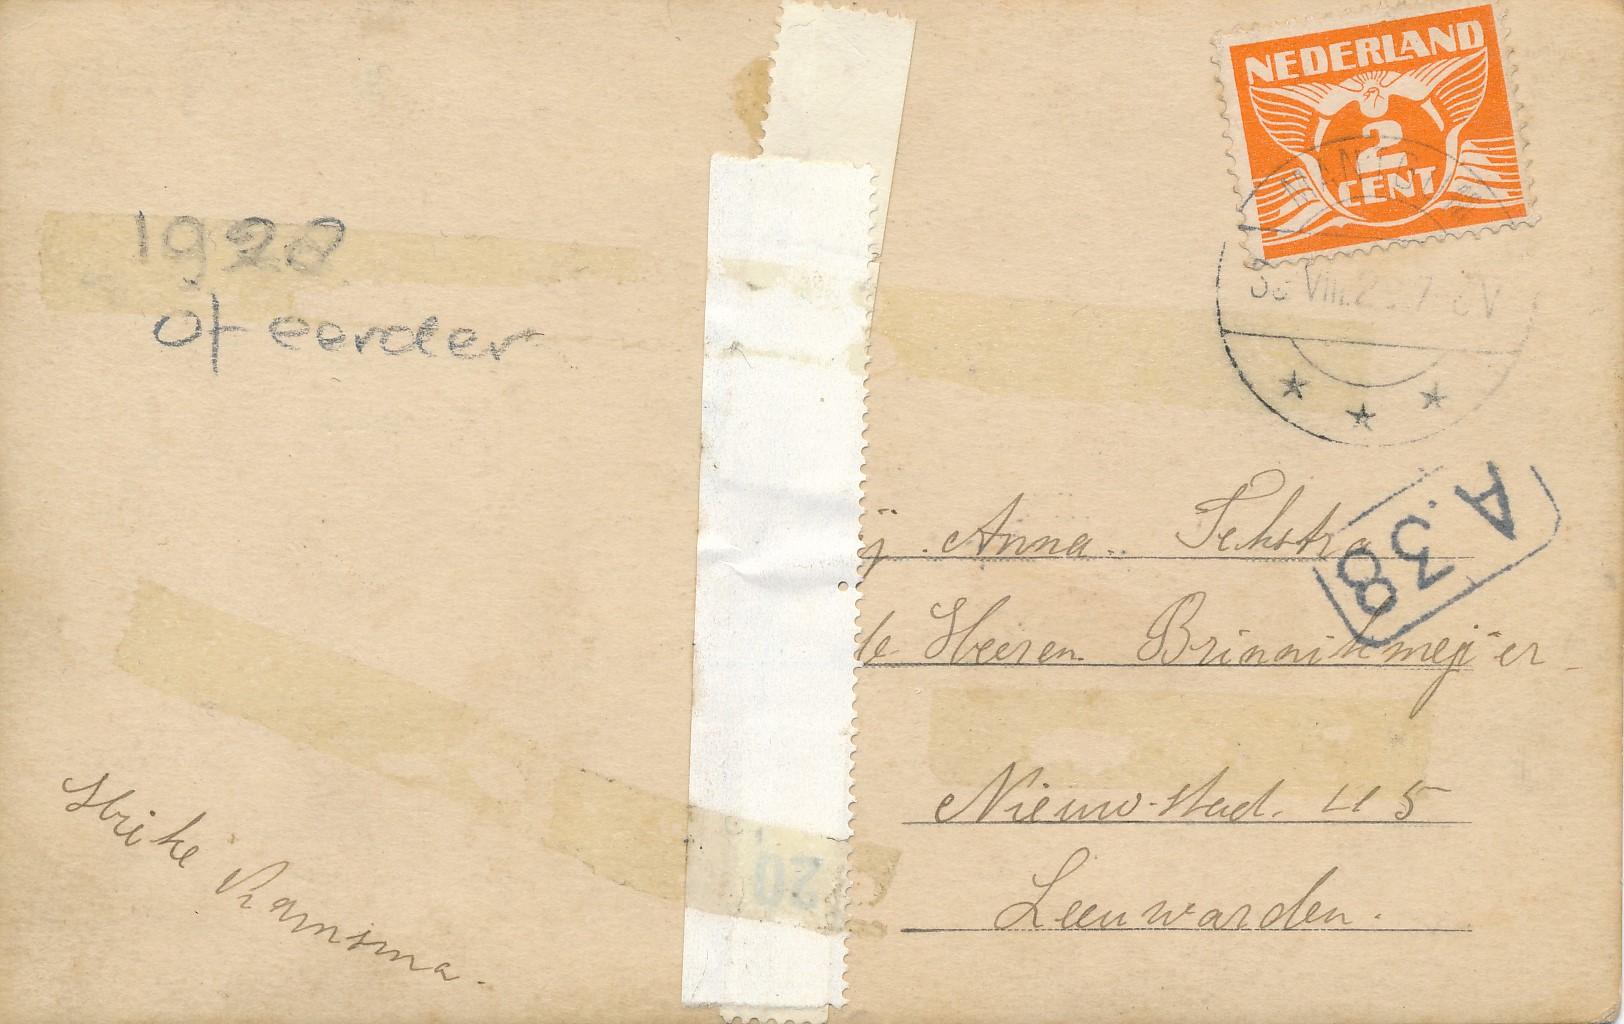 Fotoalbum Andre Kamsma, 002, achterkant kaart, merke 1928